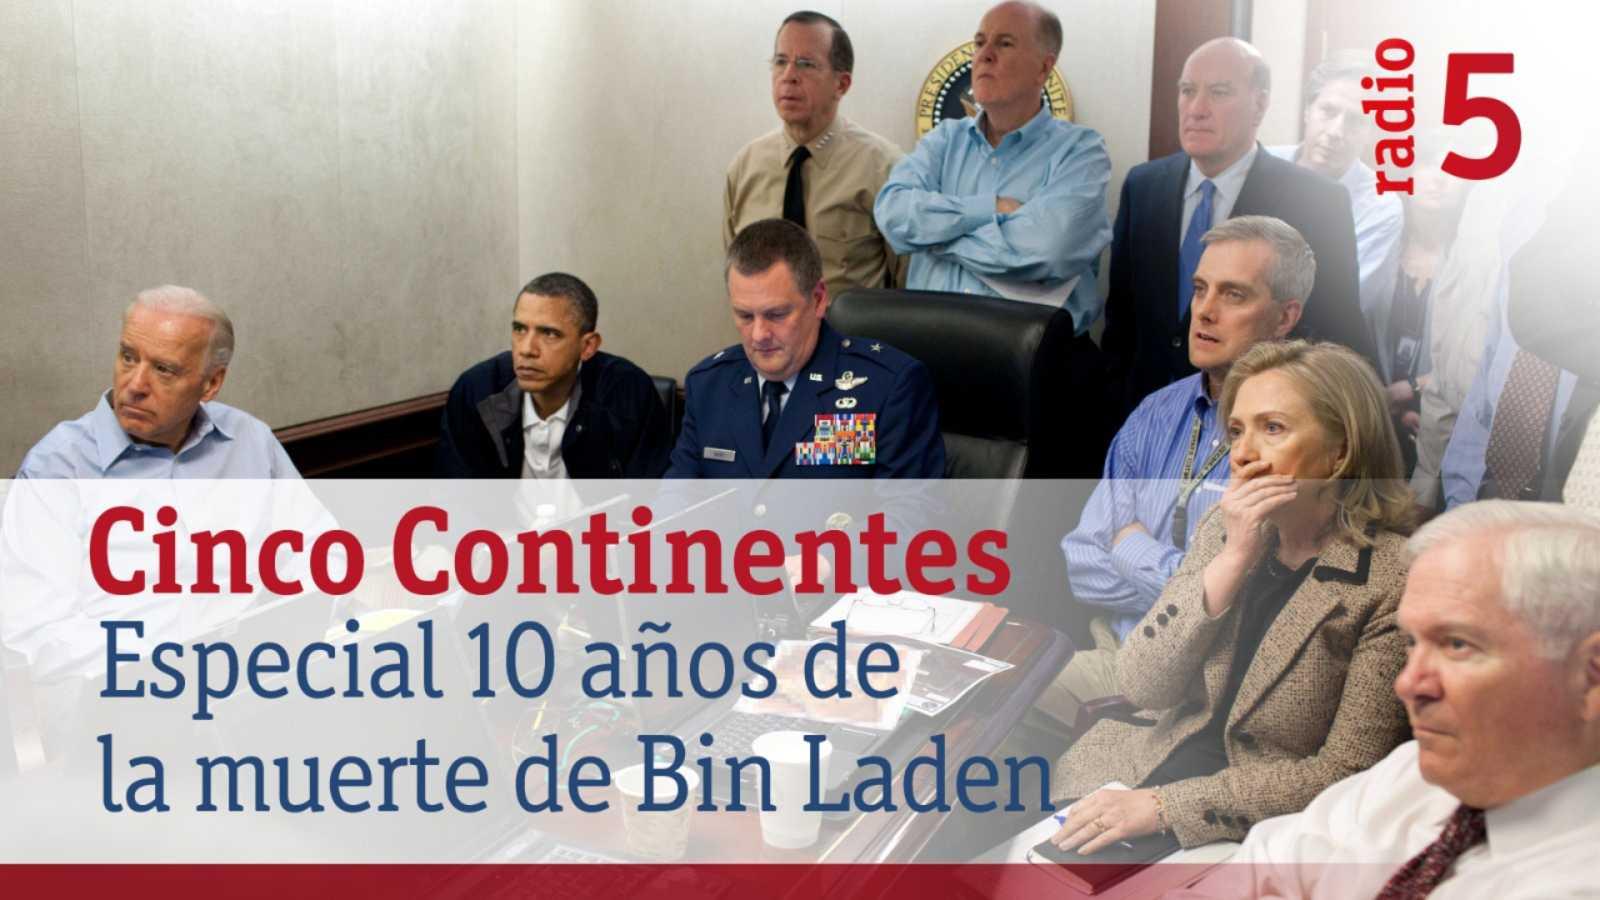 Cinco continentes - Especial: 10 años de la muerte de Bin Laden - Escuchar ahora